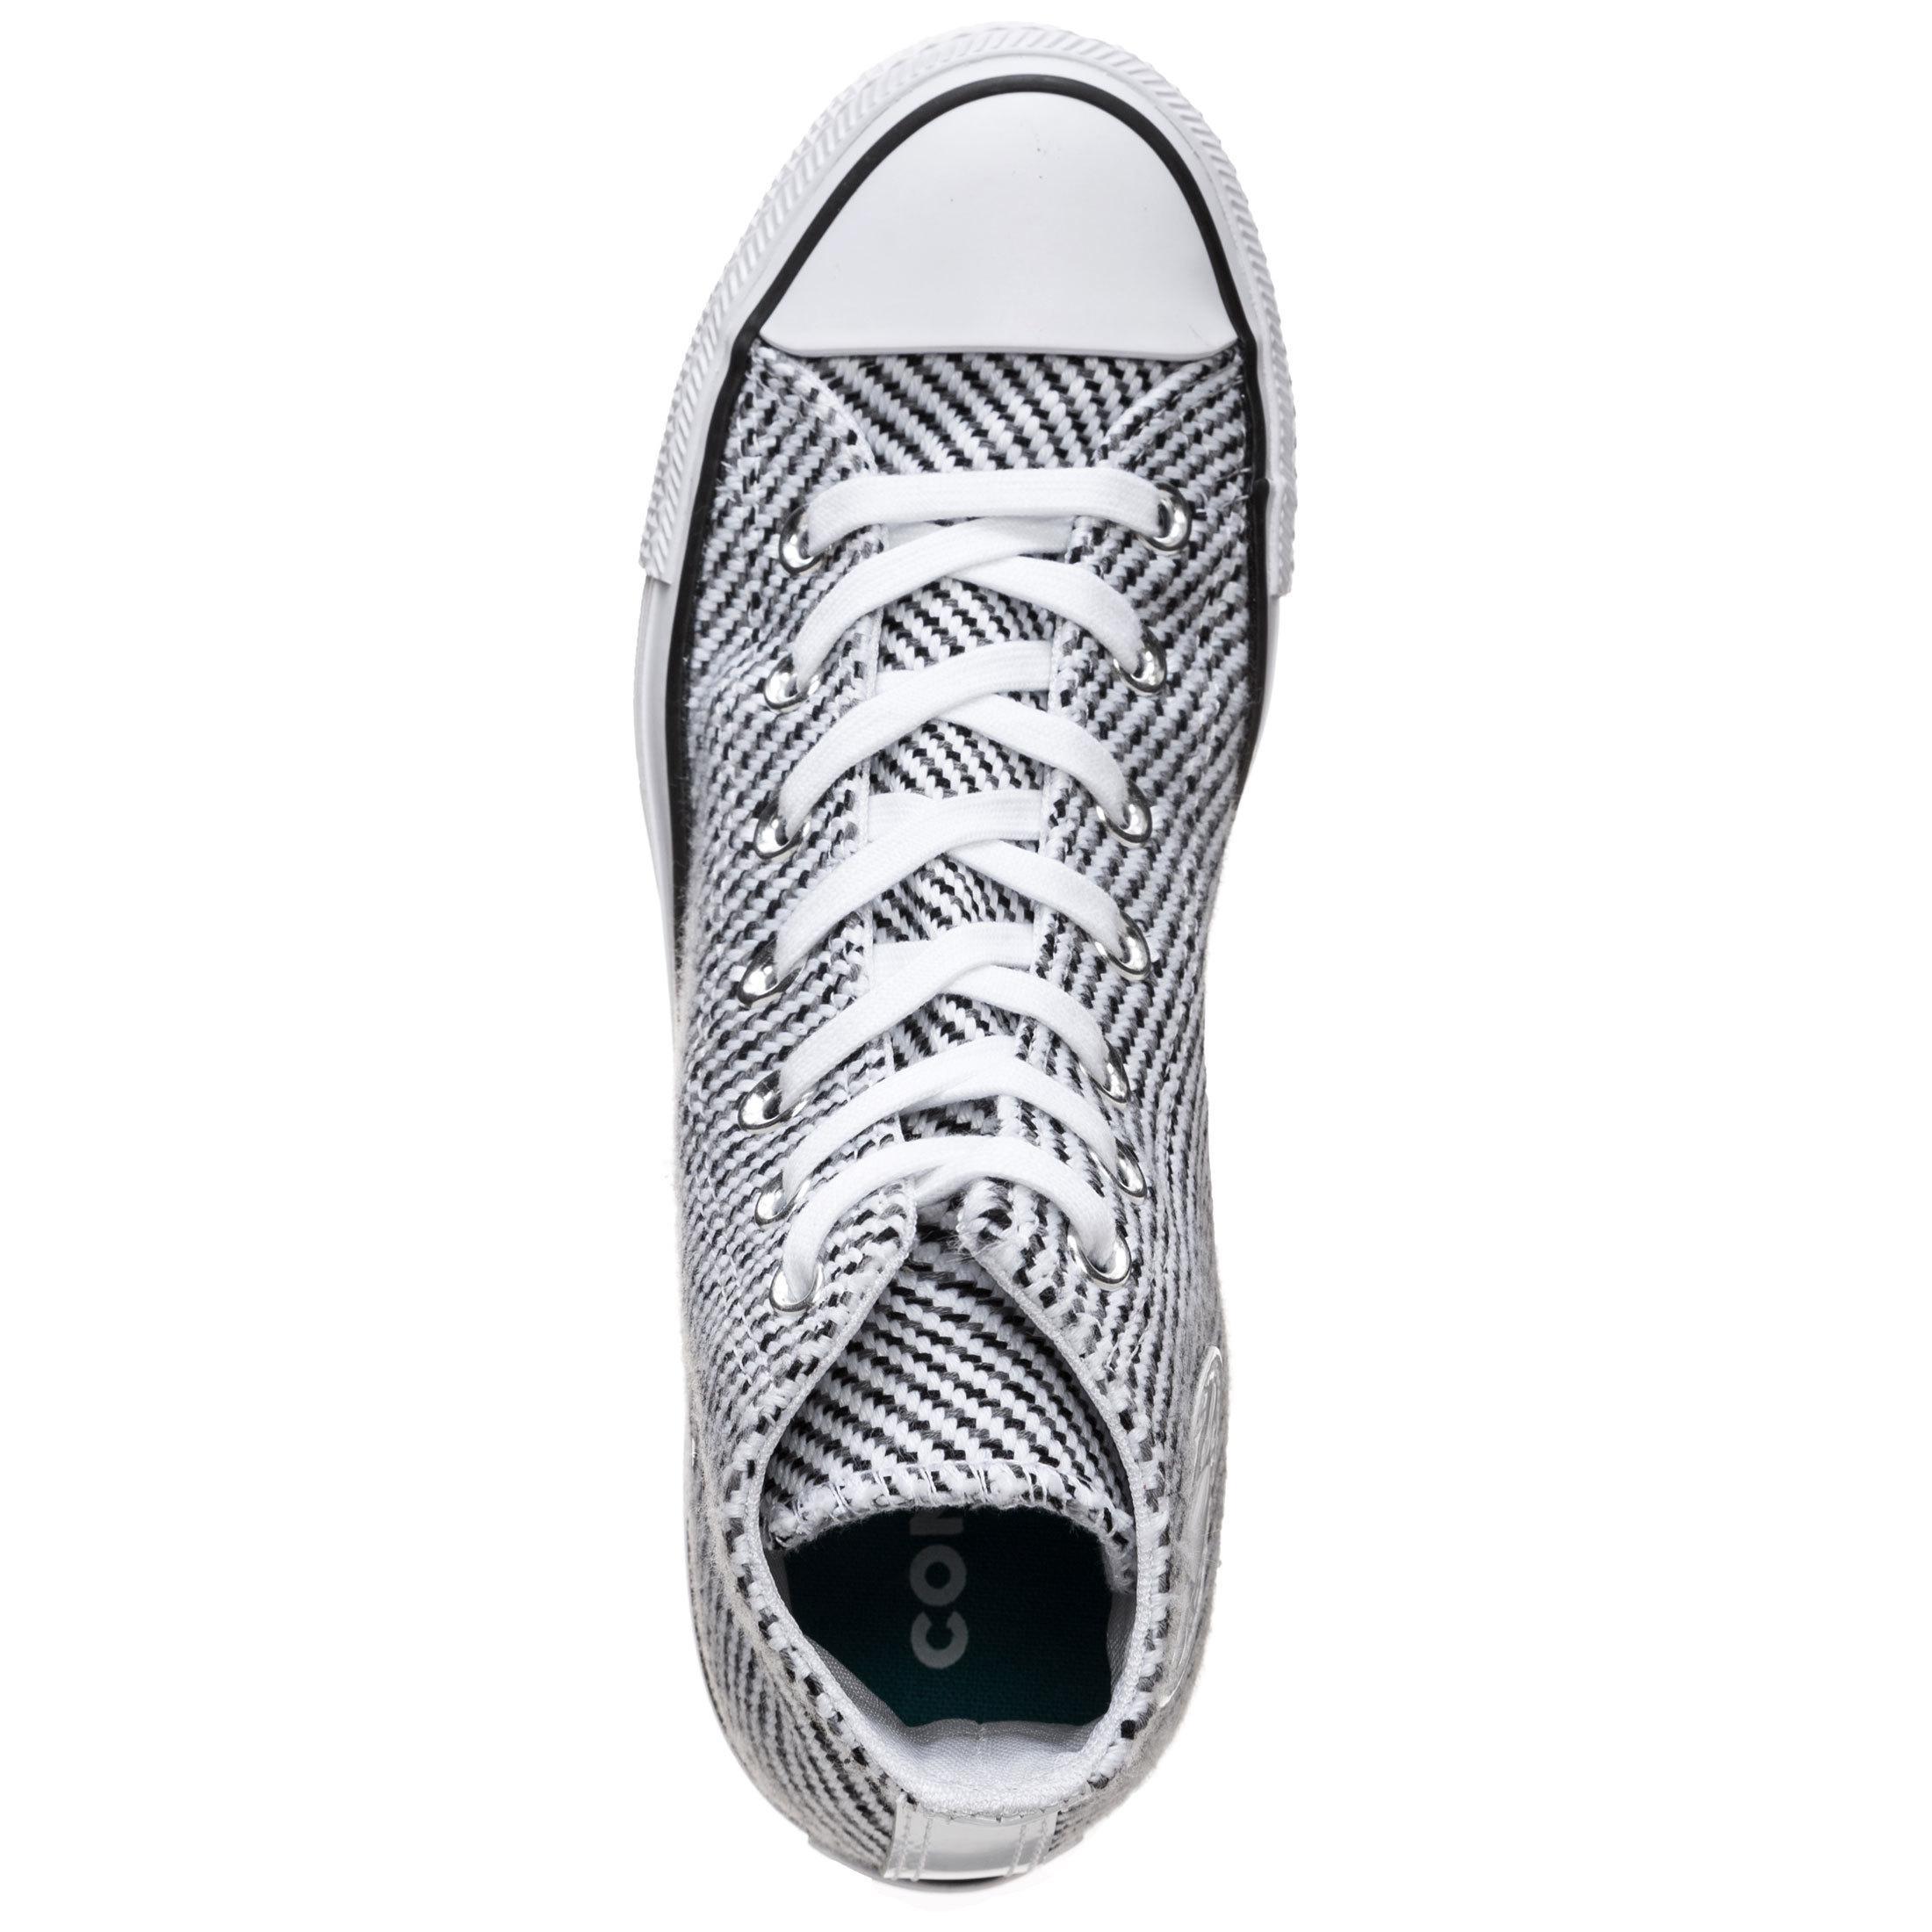 CONVERSE Chuck Taylor All Star High Turnschuhe  Damen weiß  Turnschuhe  schwarz im Online Shop von SportScheck kaufen Gute Qualität beliebte Schuhe 490ab0